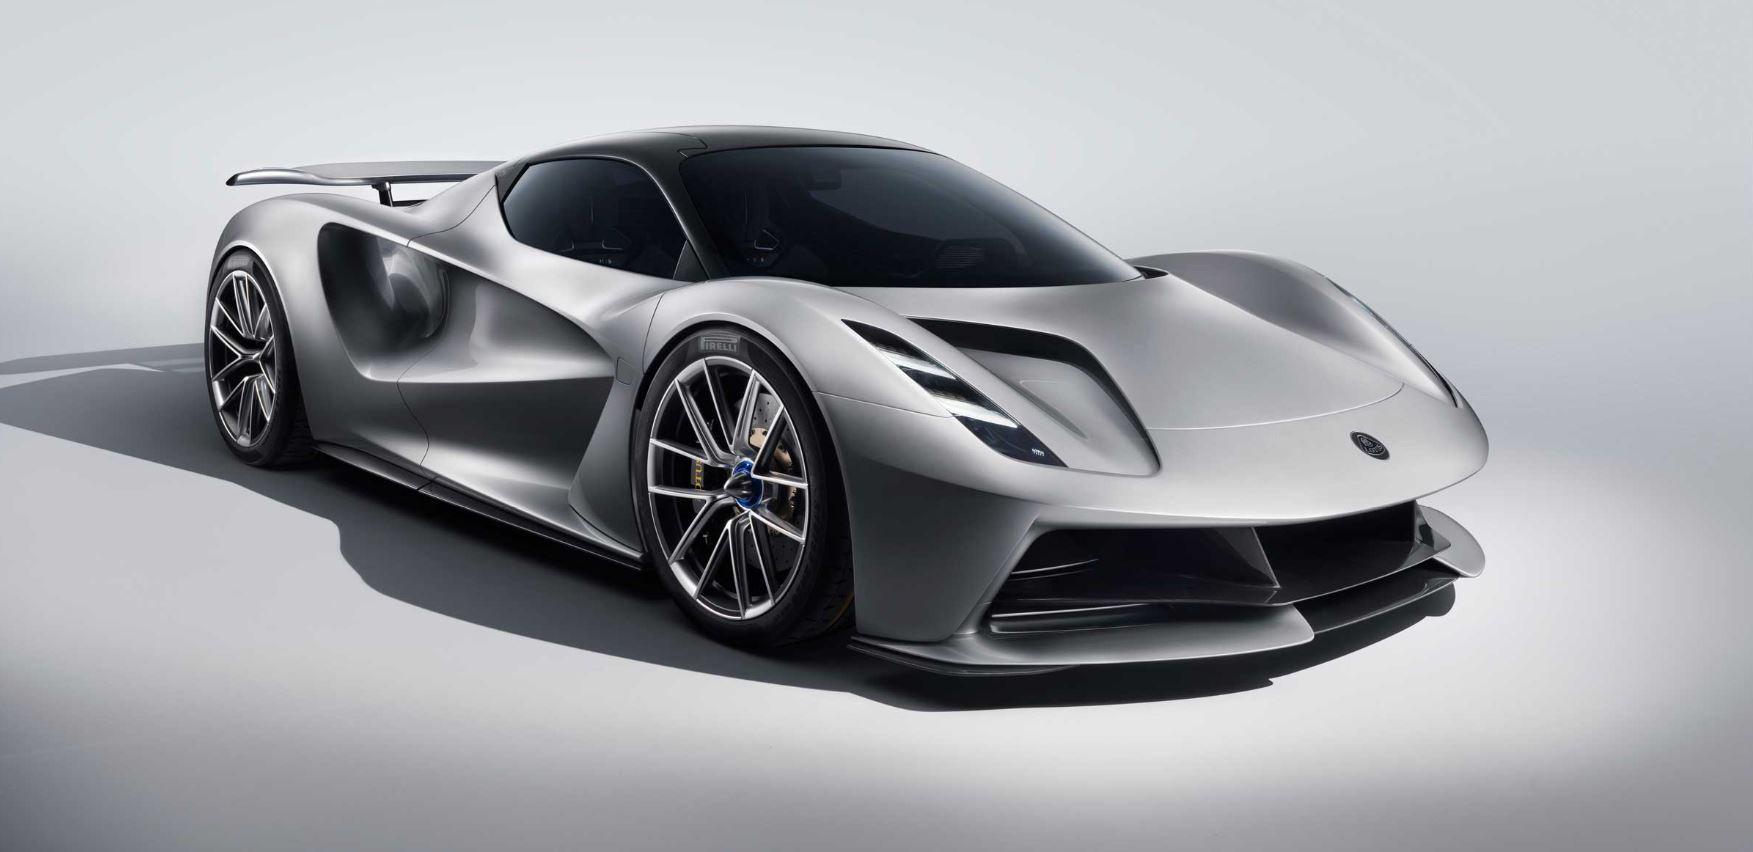 Lotus Evija, un bolide elettrico da oltre due milioni di dollari